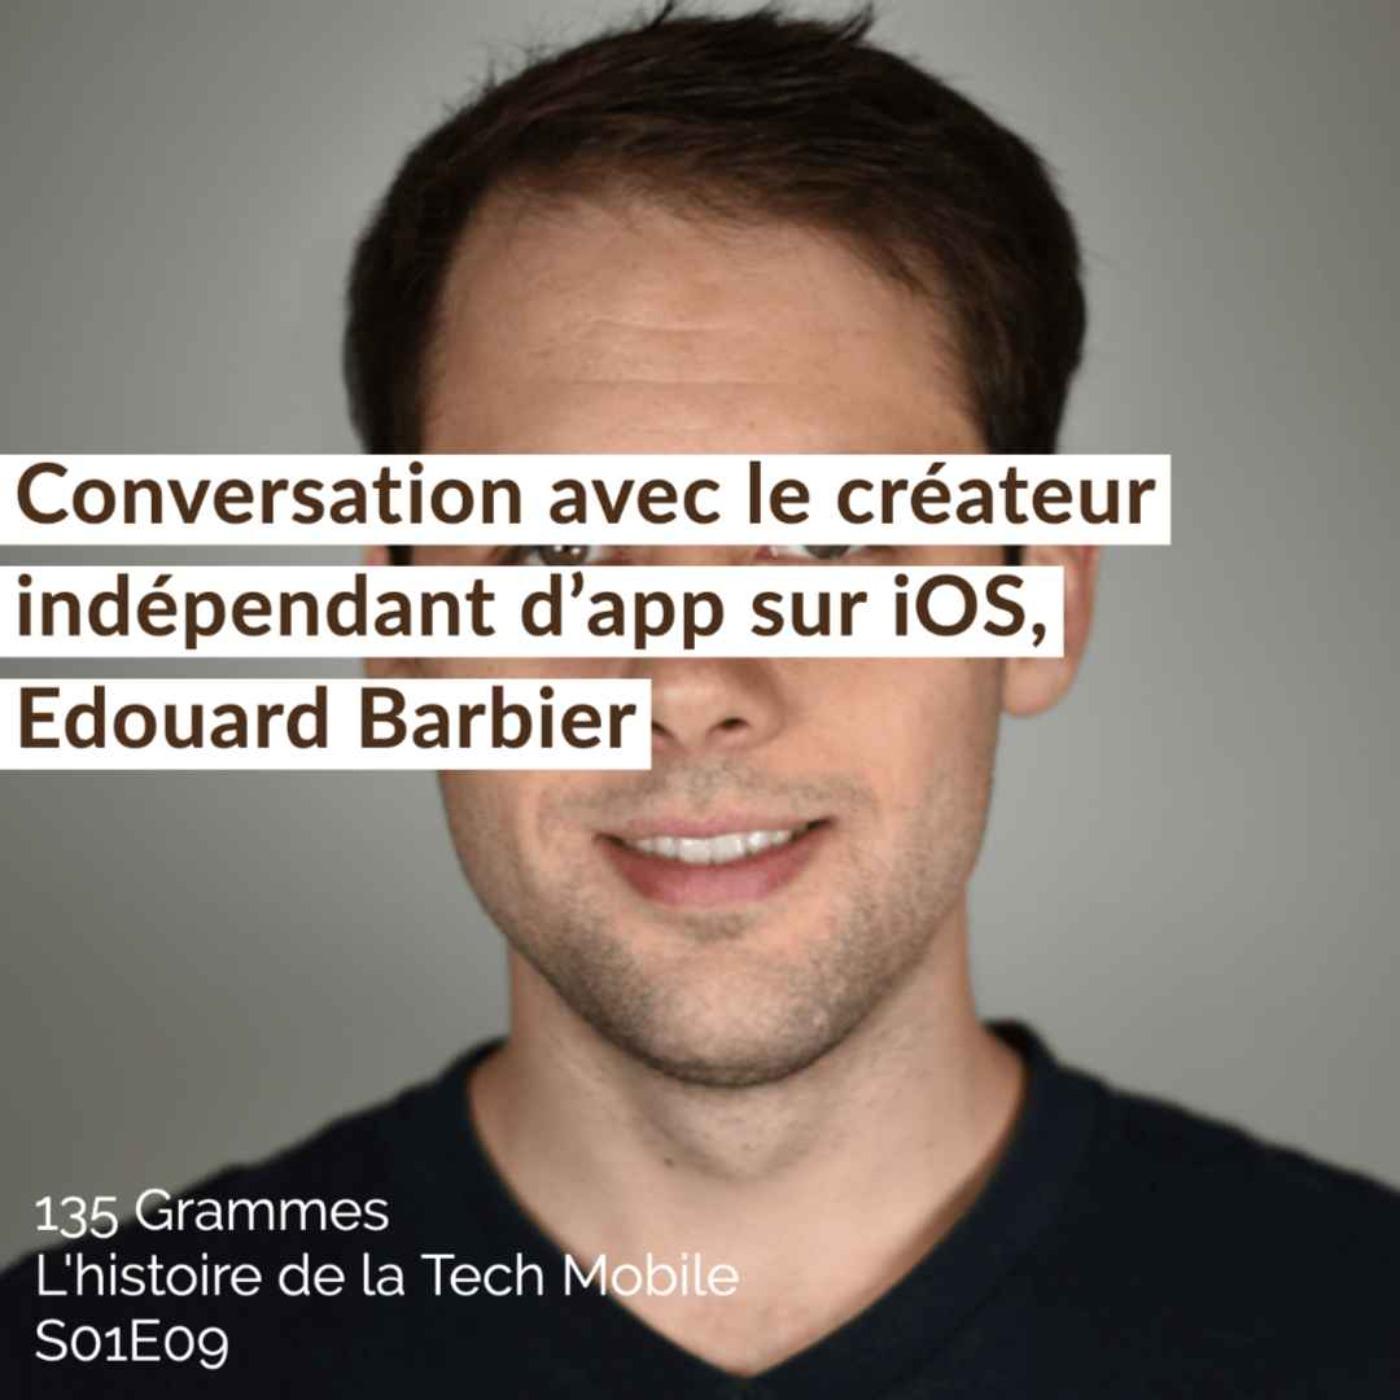 Conversation avec le créateur indépendant d'app sur iOS, Edouard Barbier